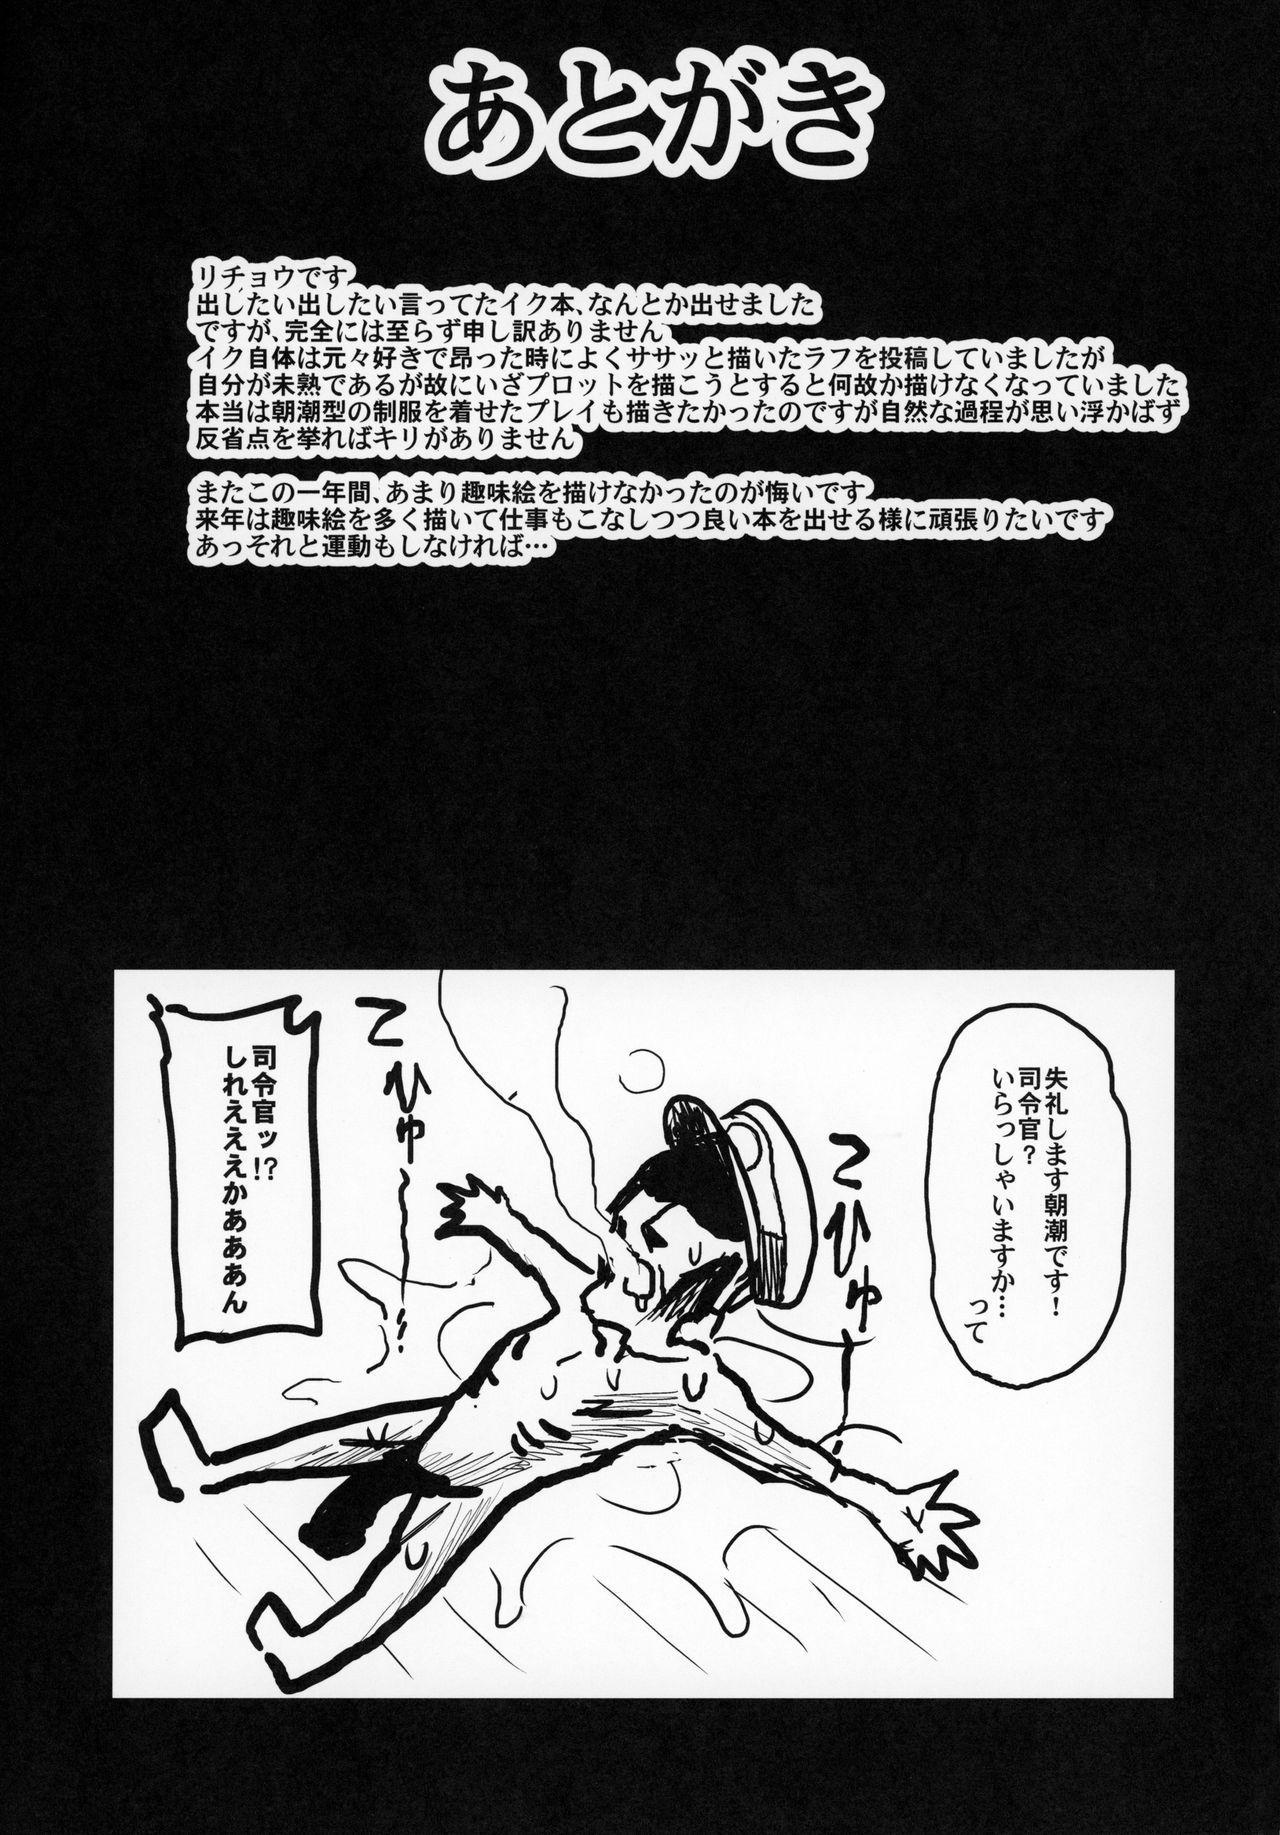 Sonna Chouhatsu ni Dare ga Uooo!! I-19 no Baai 17